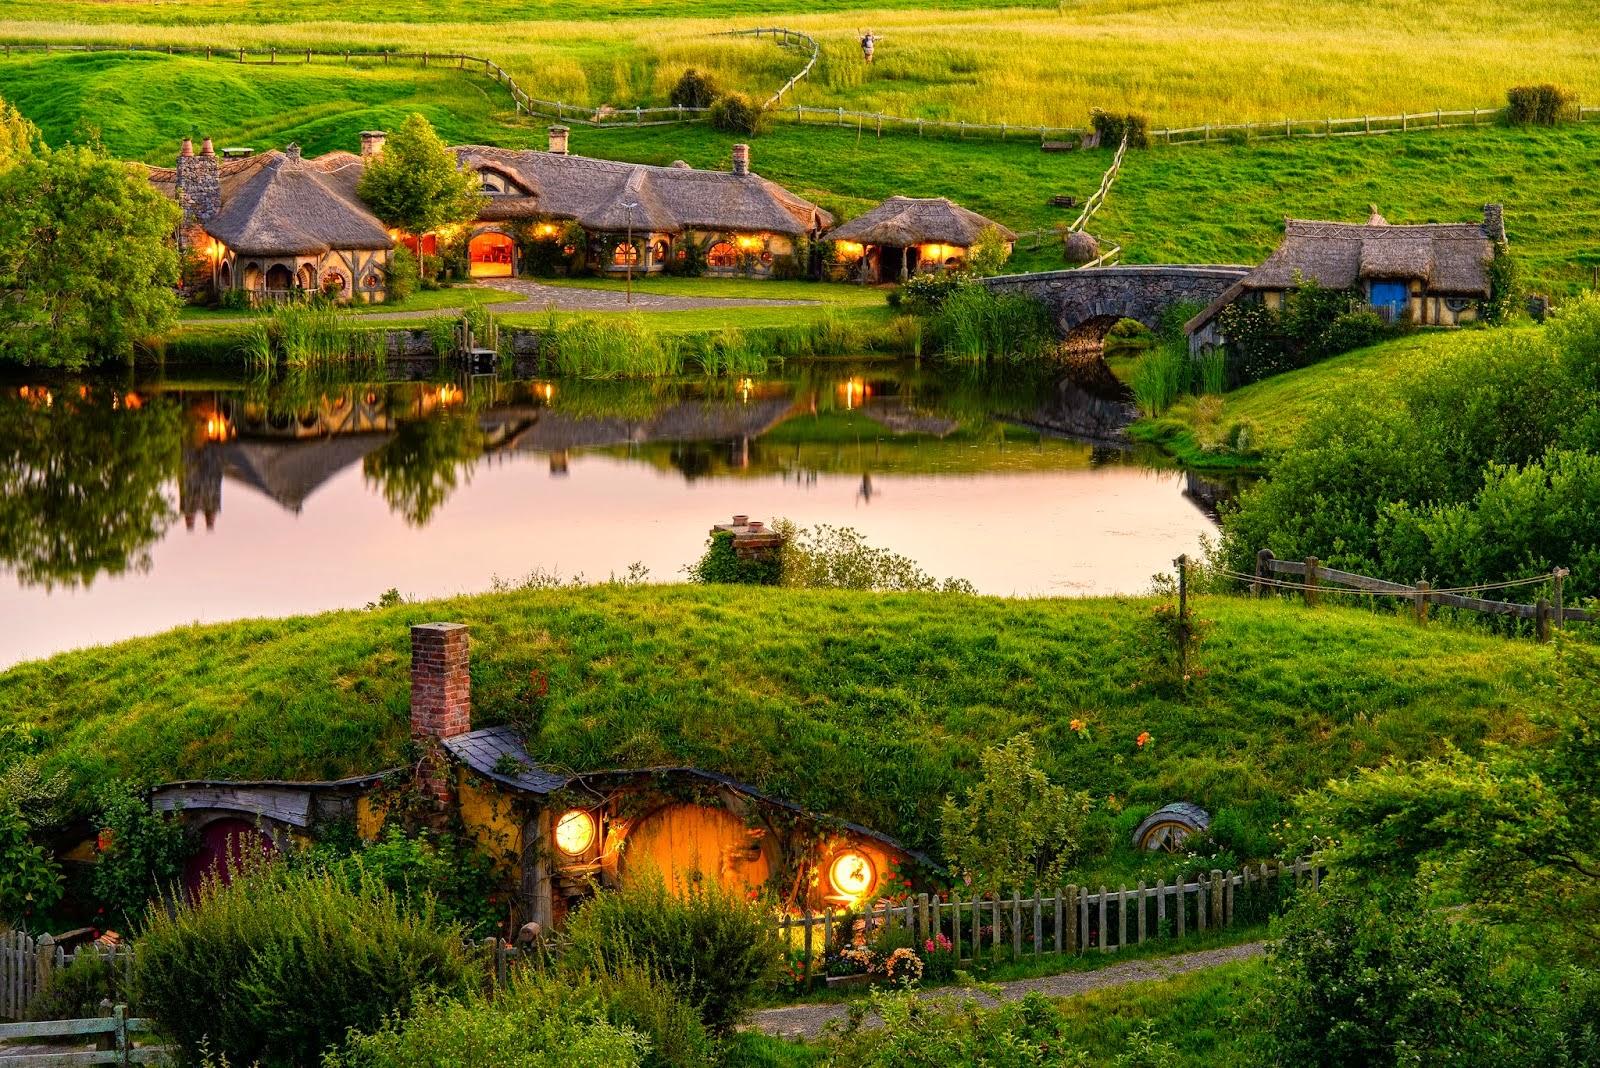 Verano en Queenstown, de vacaciones en Queenstown, aventura en New Zelandia, holiday in New Zealand, Milford Sound, Ski plane, Mount Cook, Aoraki